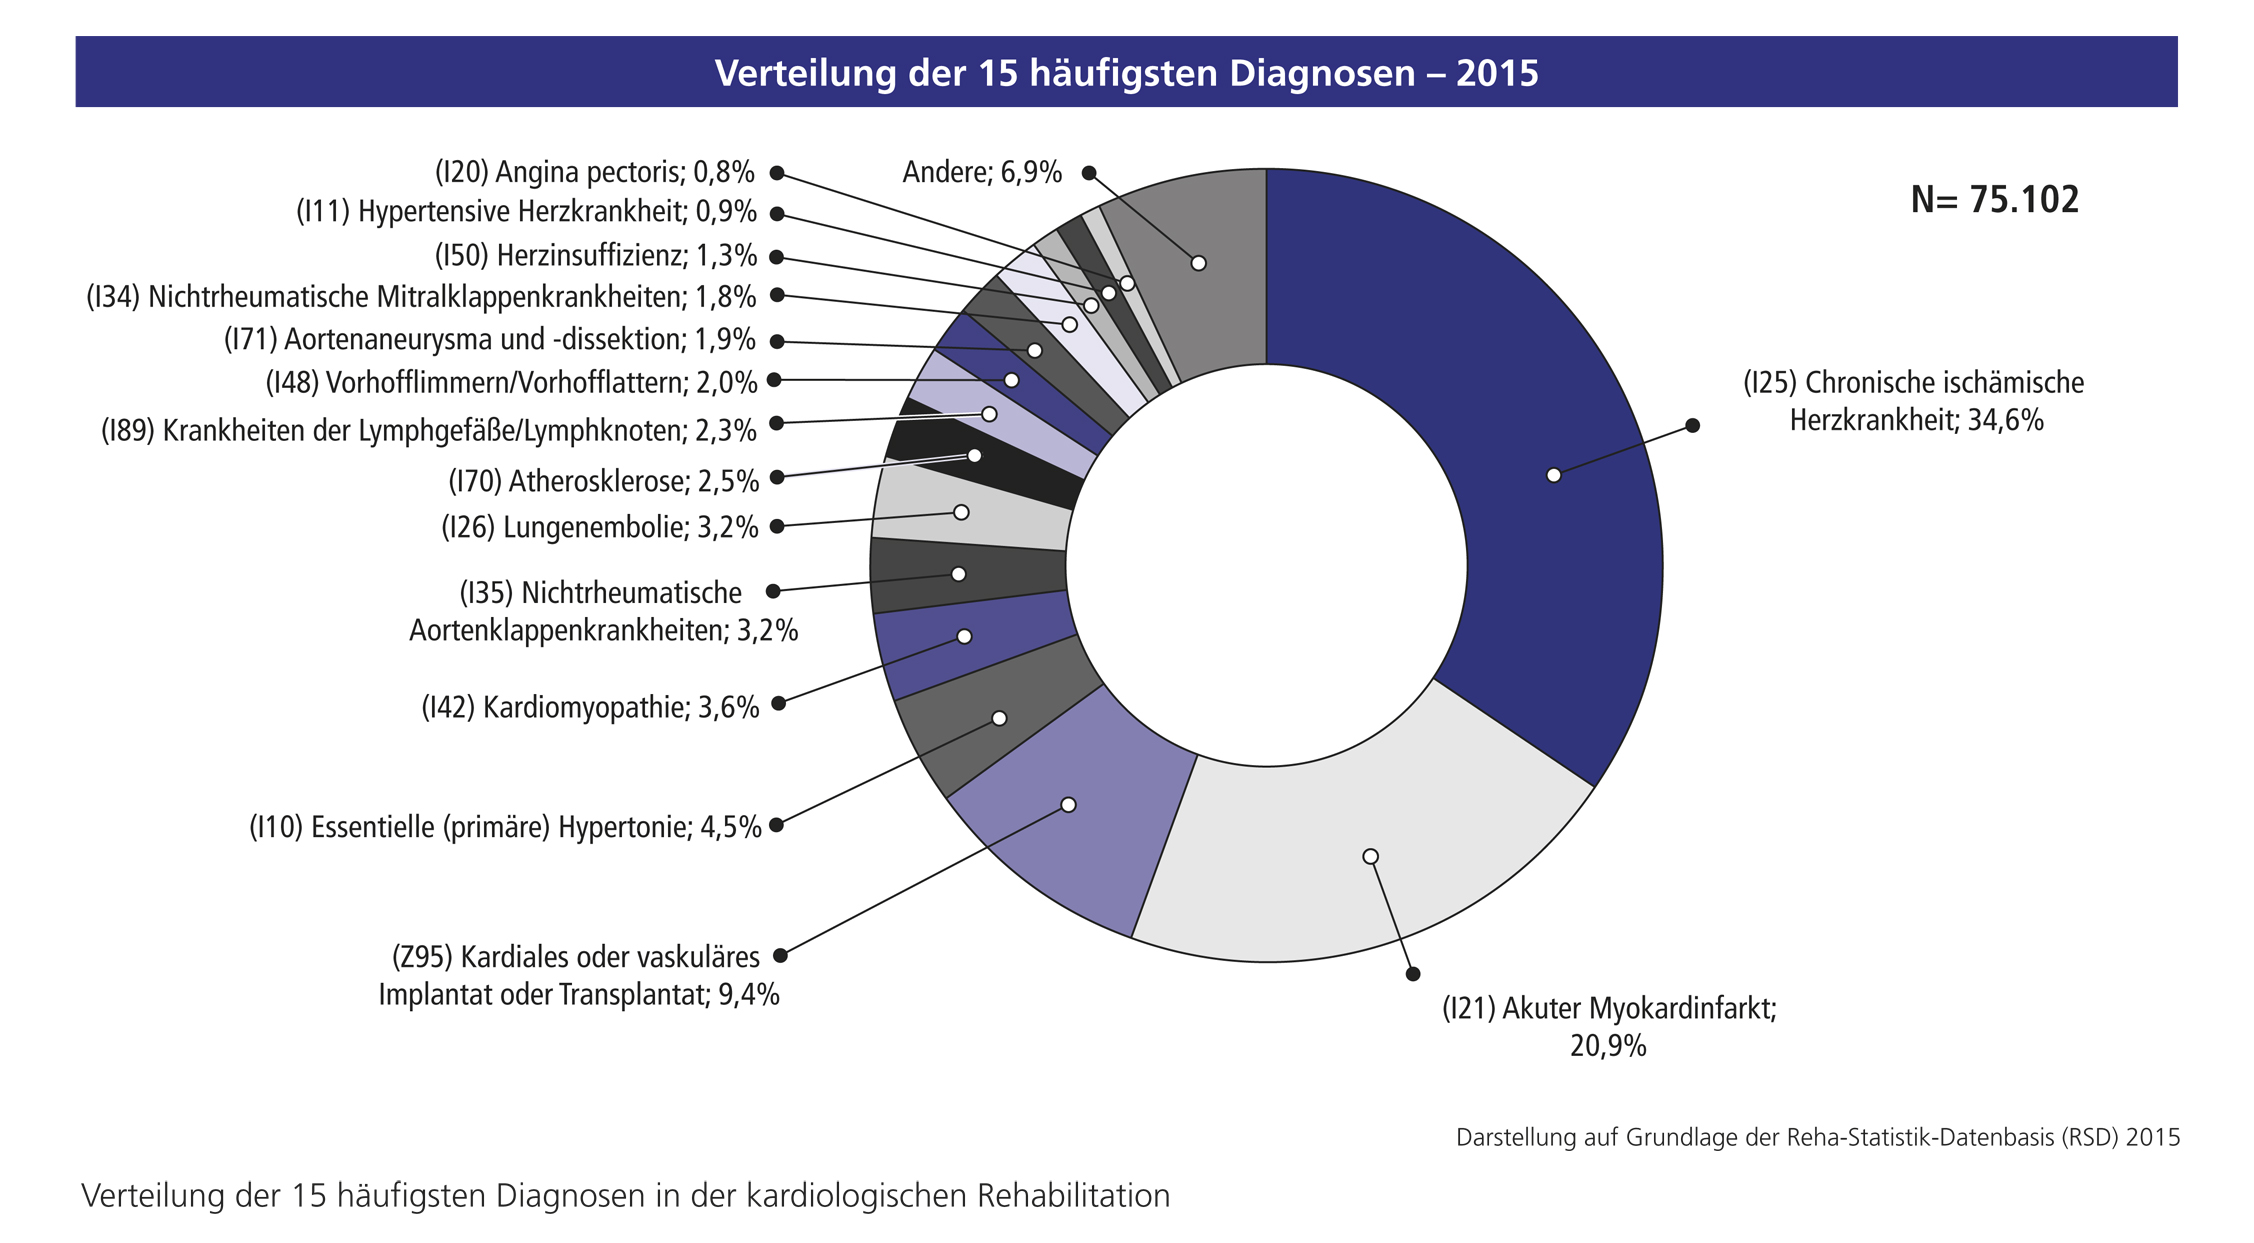 Großartig Lymphknoten Standorten Diagramm Galerie - Menschliche ...